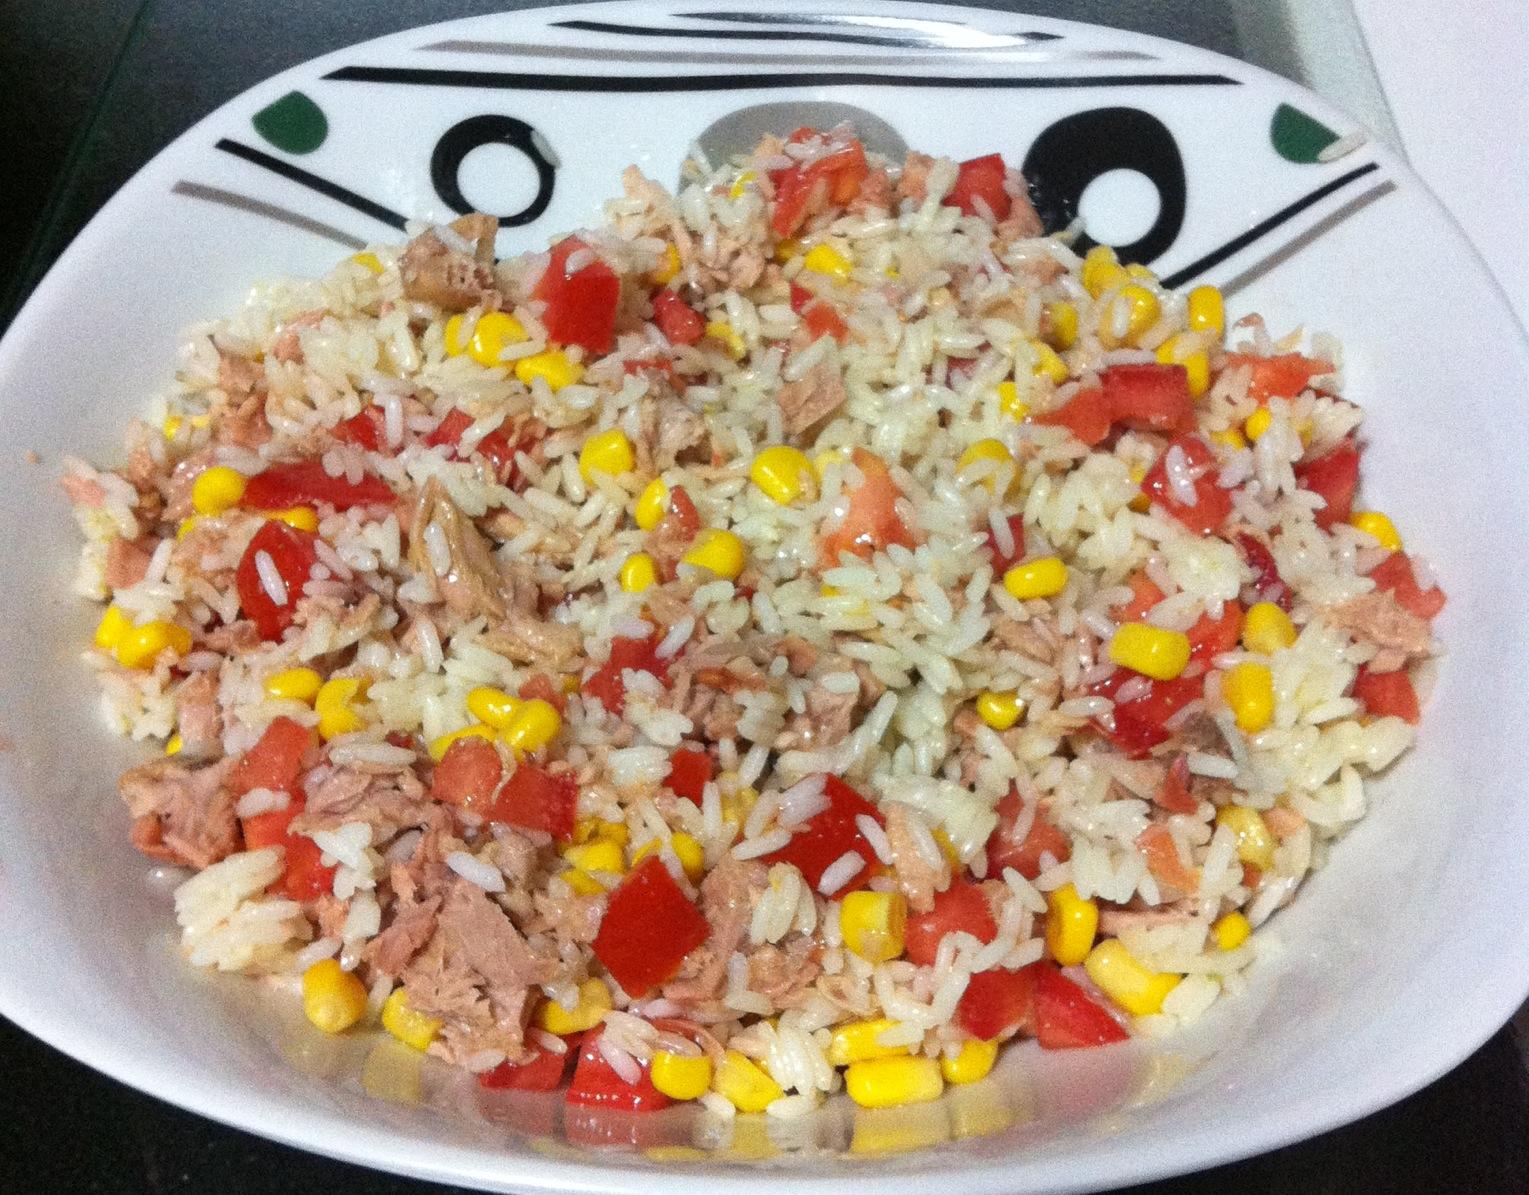 El fog n de sandra ensalada de arroz - Ensalada de arroz y atun ...